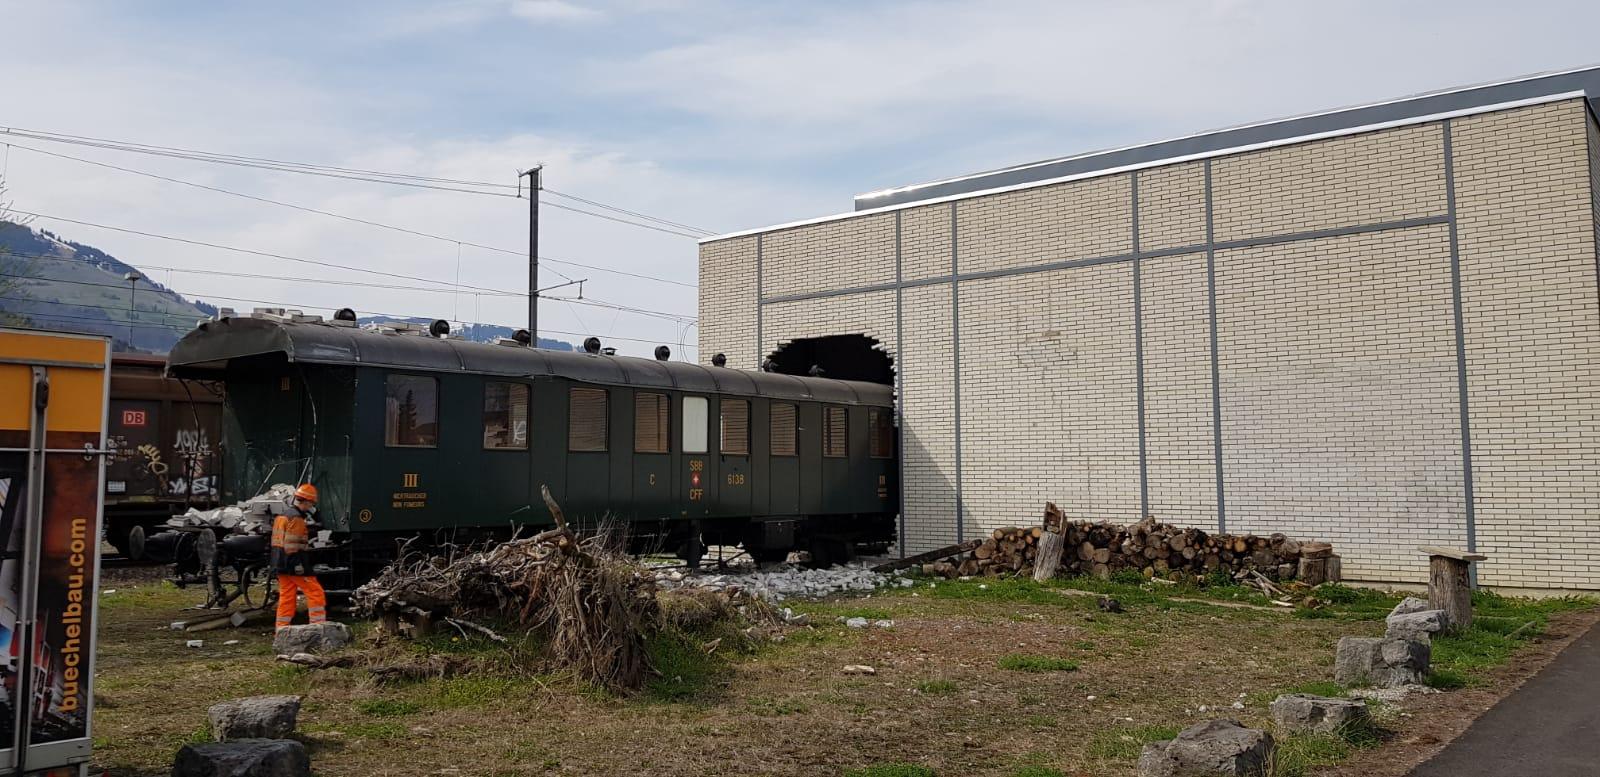 Rangier Unfall Lok Stosst Historischen Waggon Durch Wand Blick